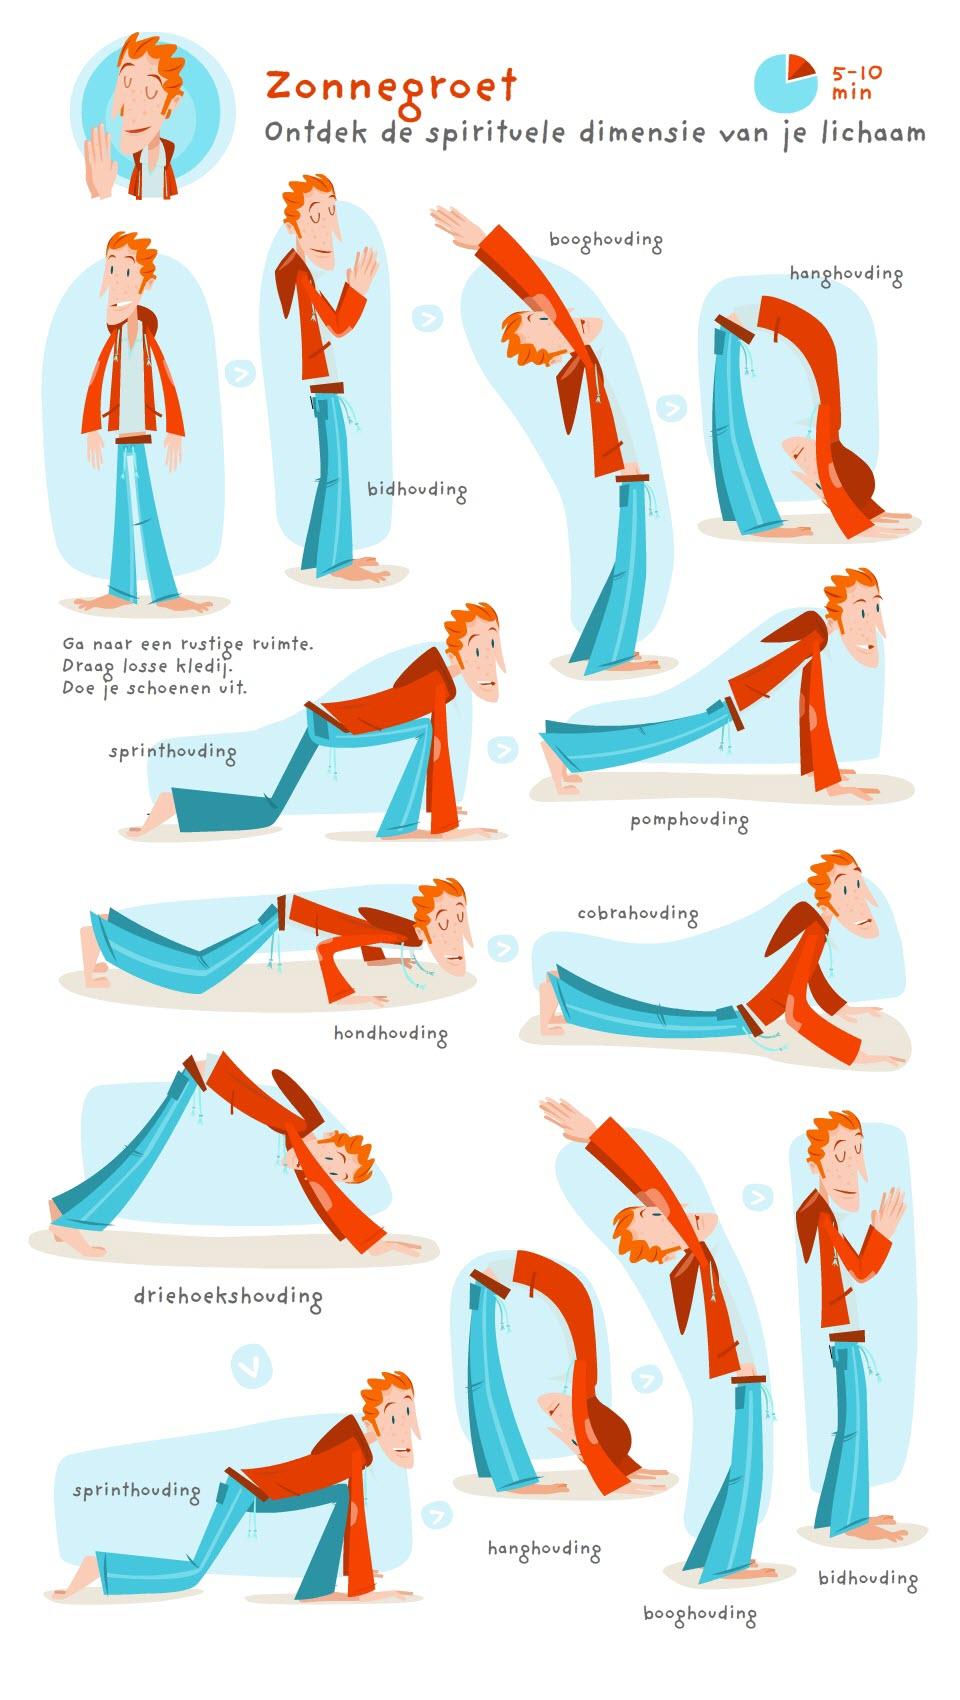 Leer de zonnegroet: yoga voor lichaam en geest